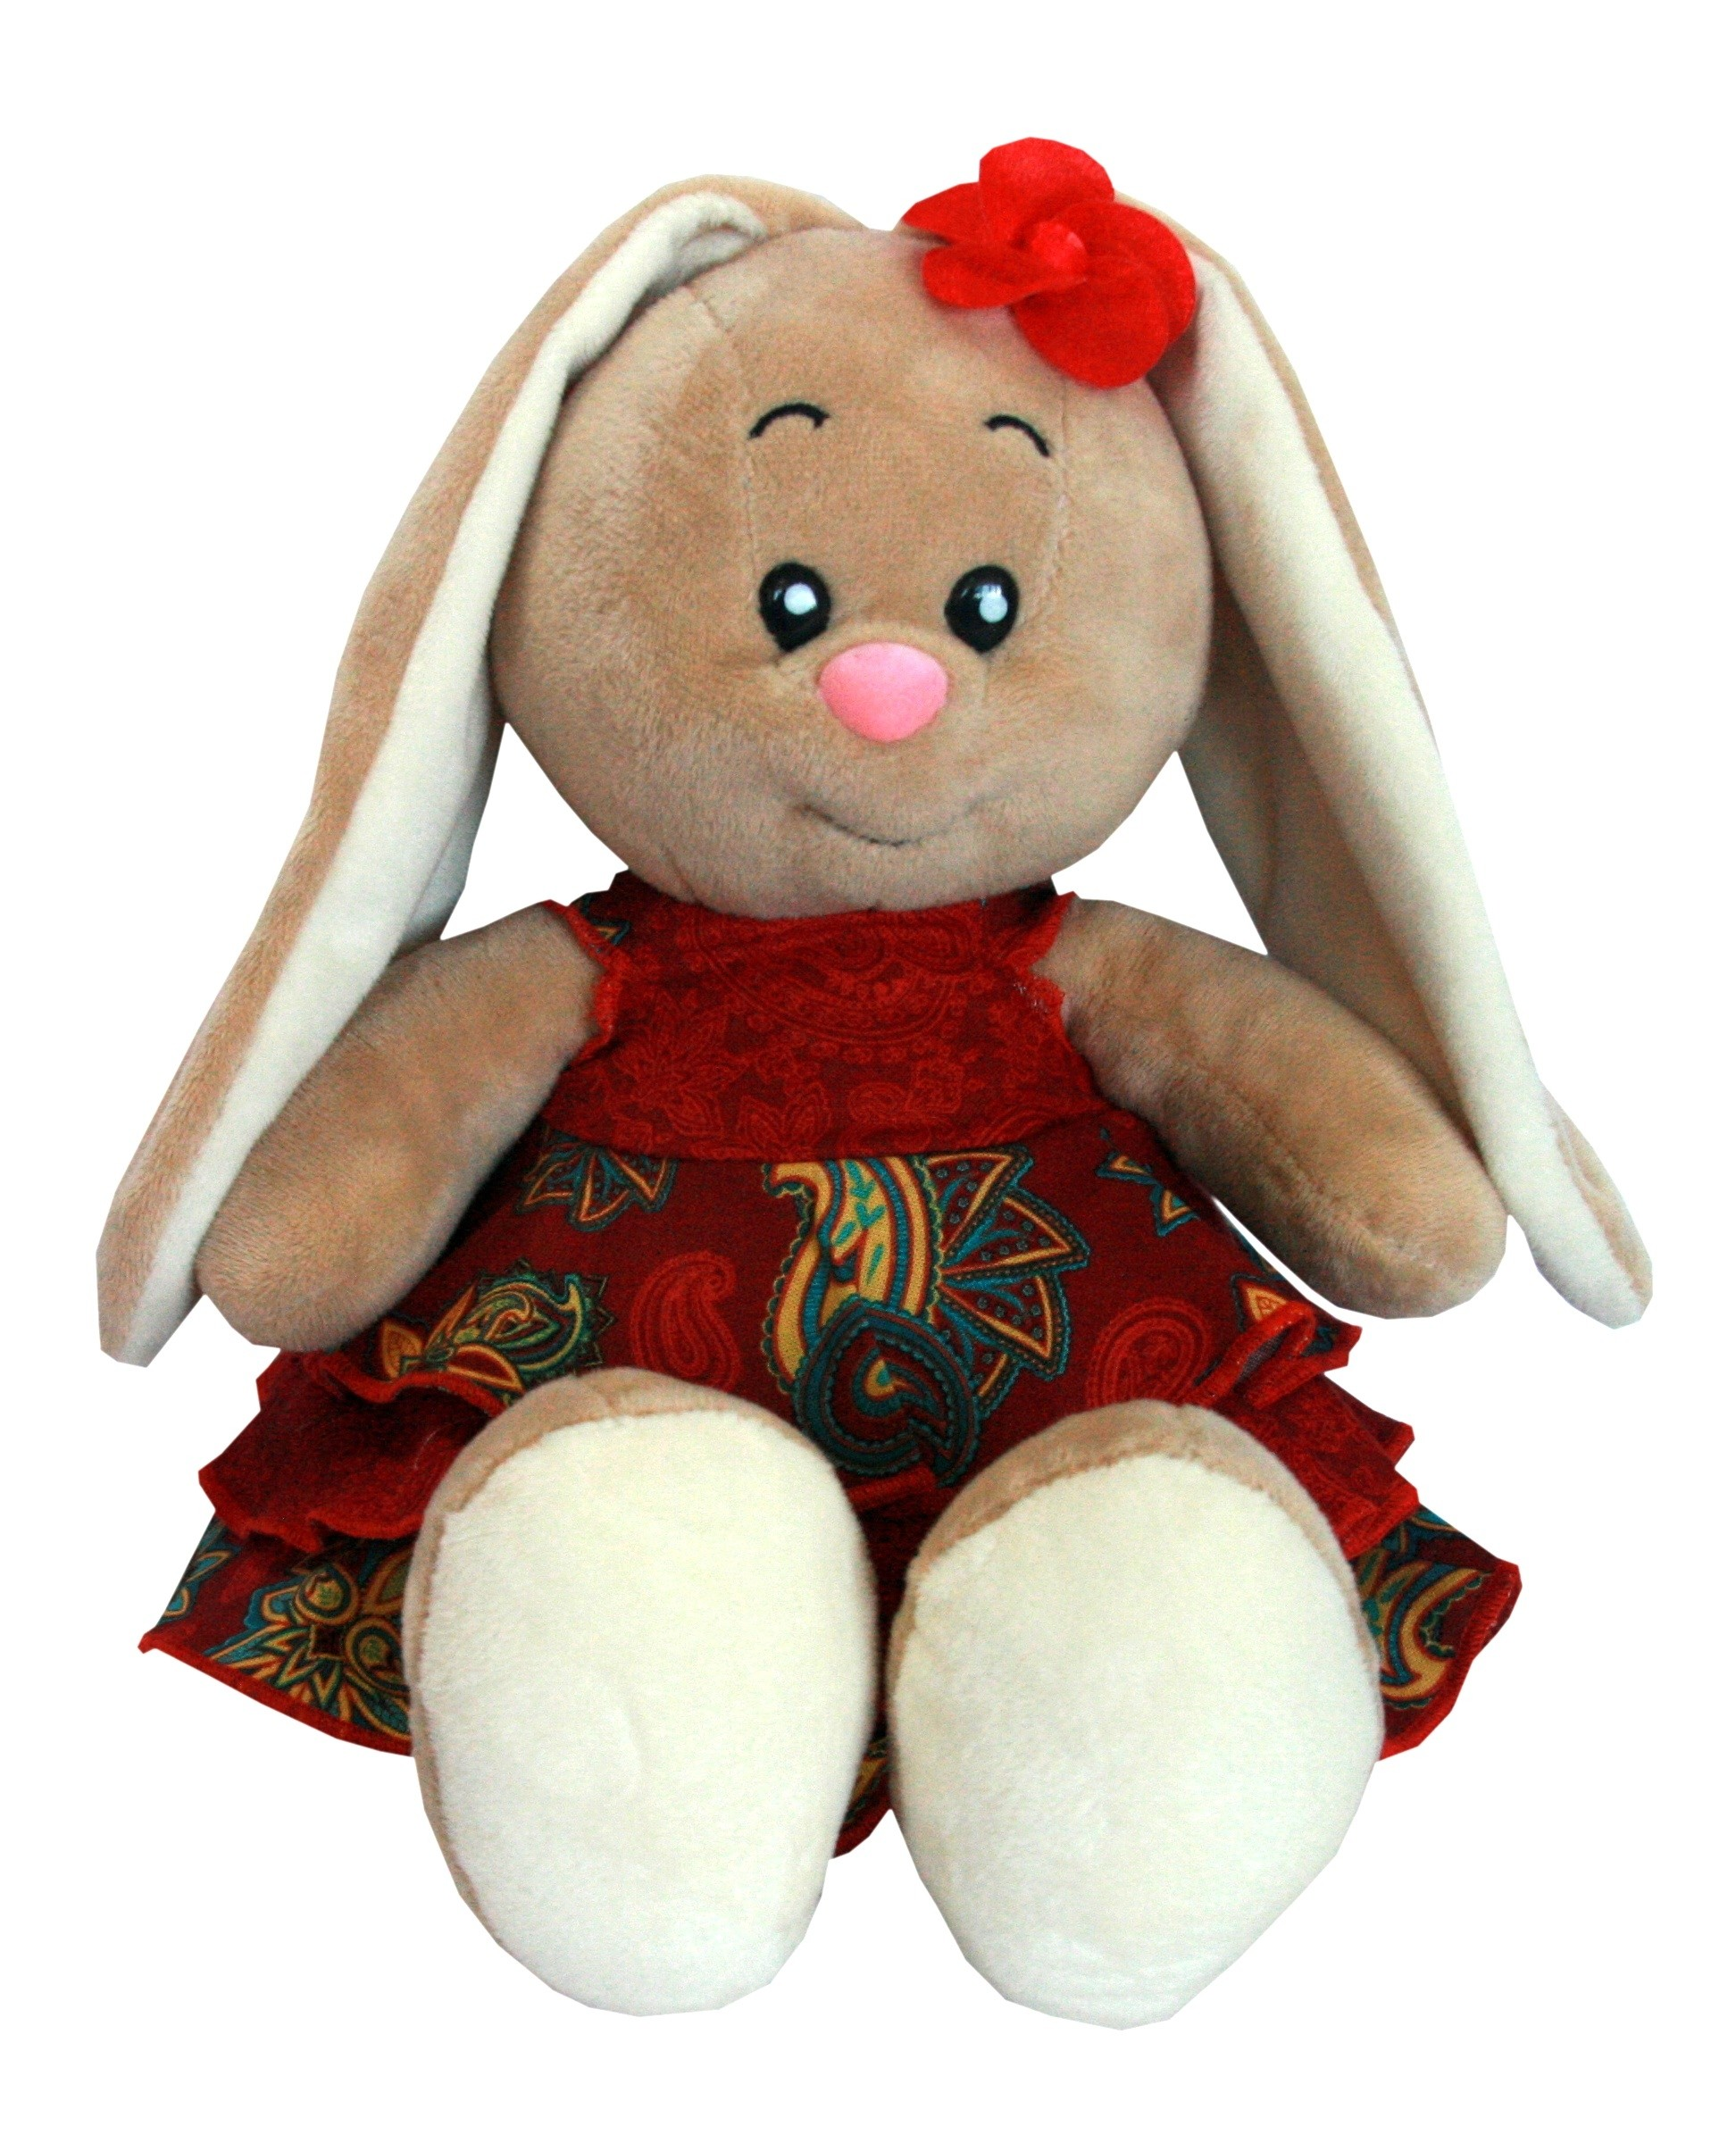 Мягкие игрушки СмолТойс «Зайка-милашка» в платье с воланами бордо 30 см мягкая игрушка смолтойс зайка даша 53 см